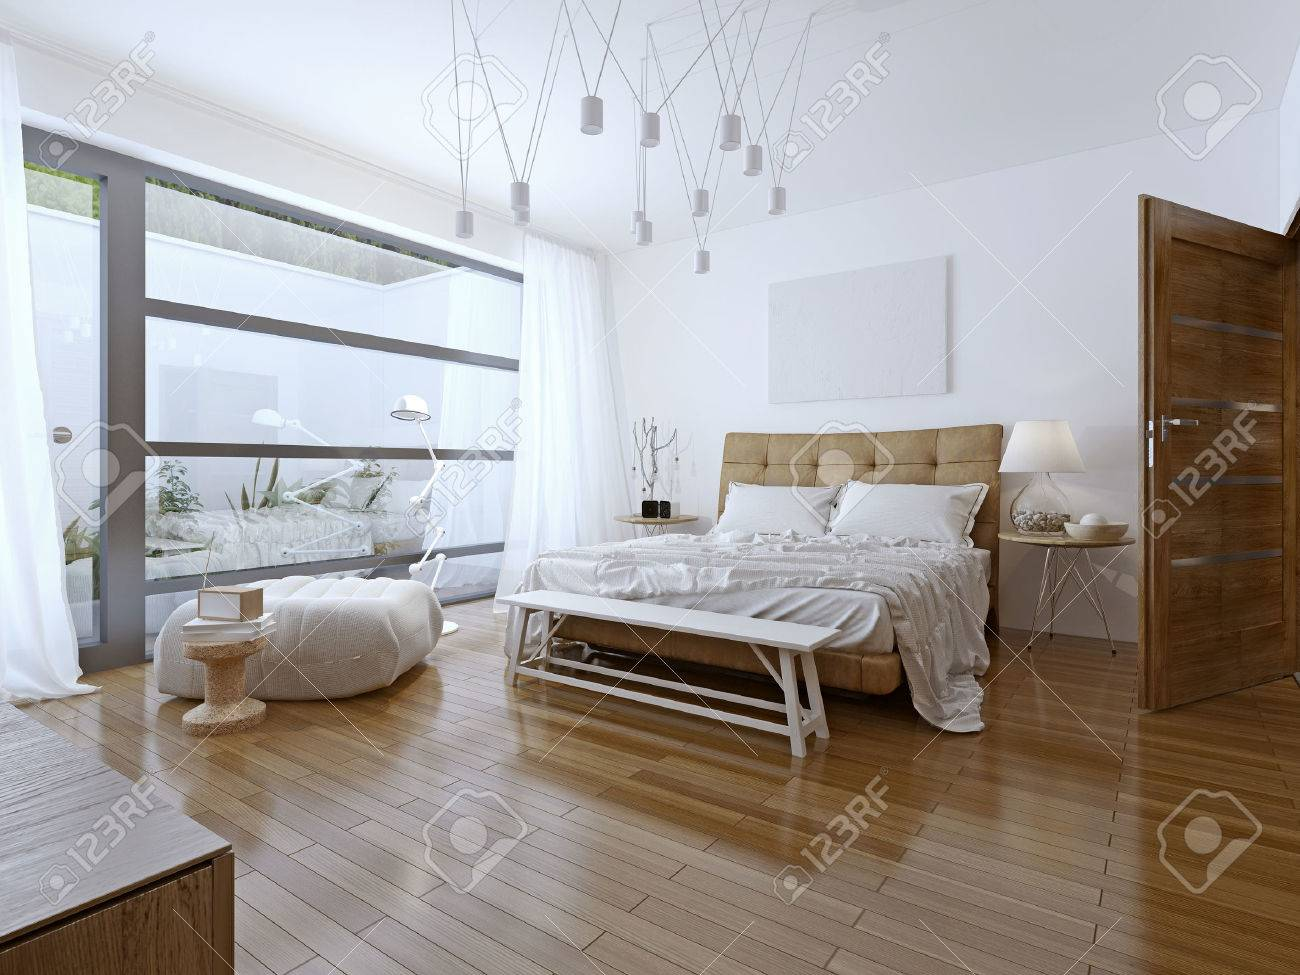 Helles Schlafzimmer Zeitgenössischen Stil. Schöne Geräumige Zimmer ...